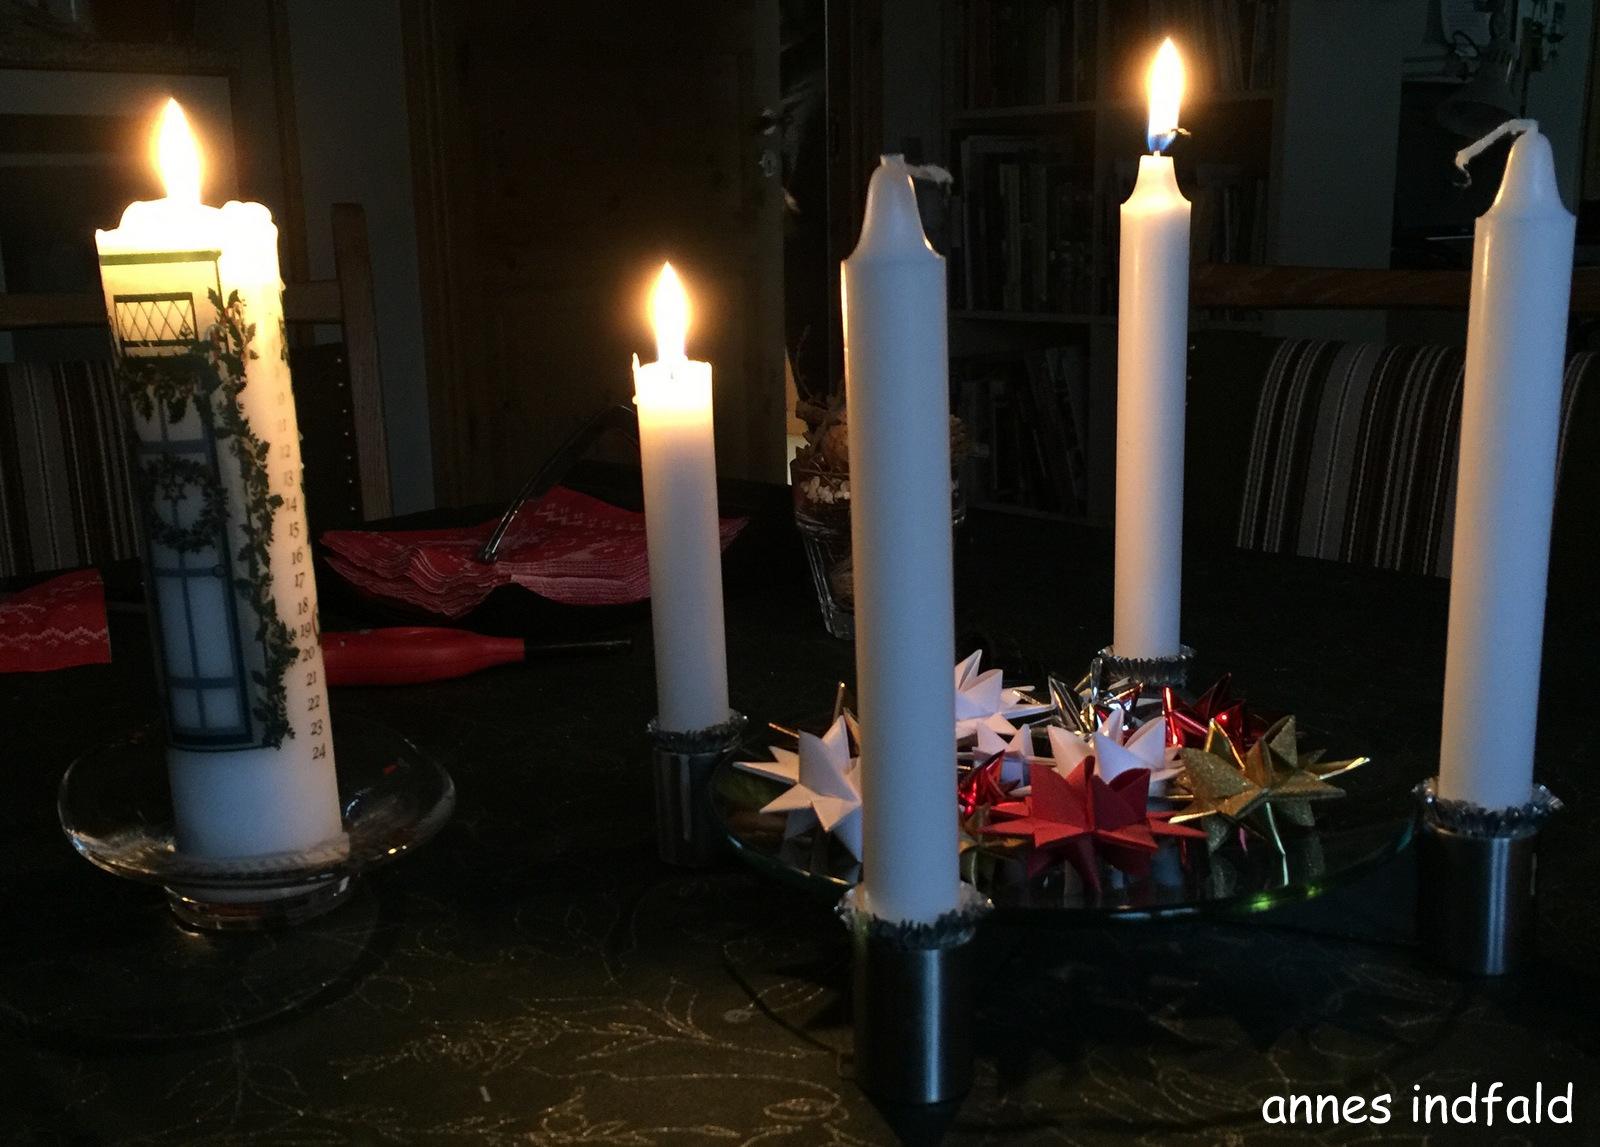 annes indfald 4 december og 2 s ndag i advent lys inde. Black Bedroom Furniture Sets. Home Design Ideas